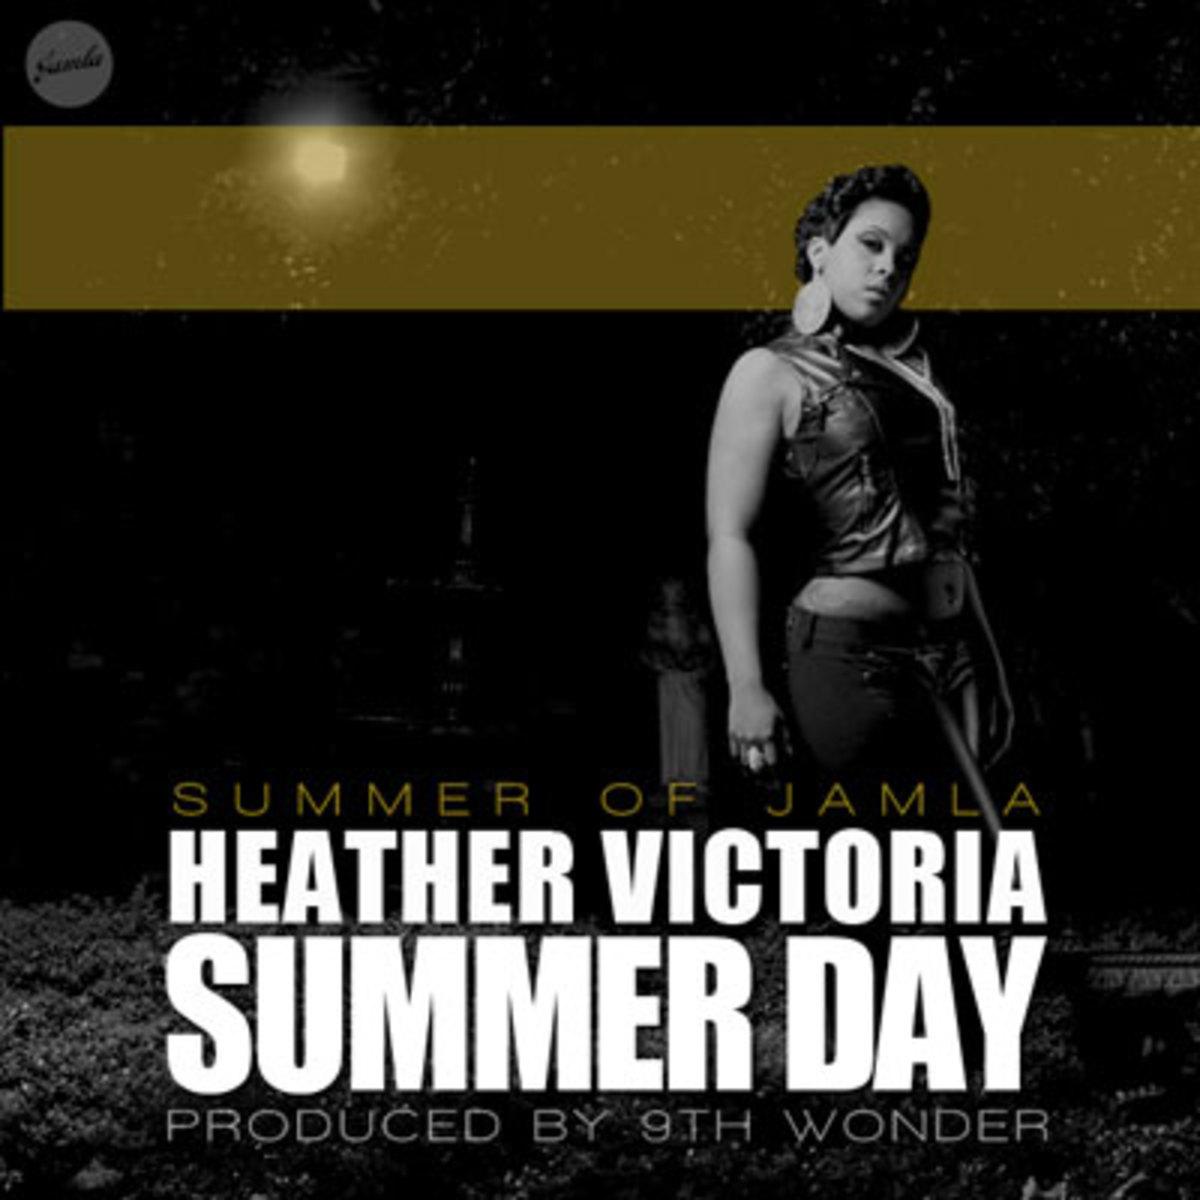 heathervictoria-summerday.jpg